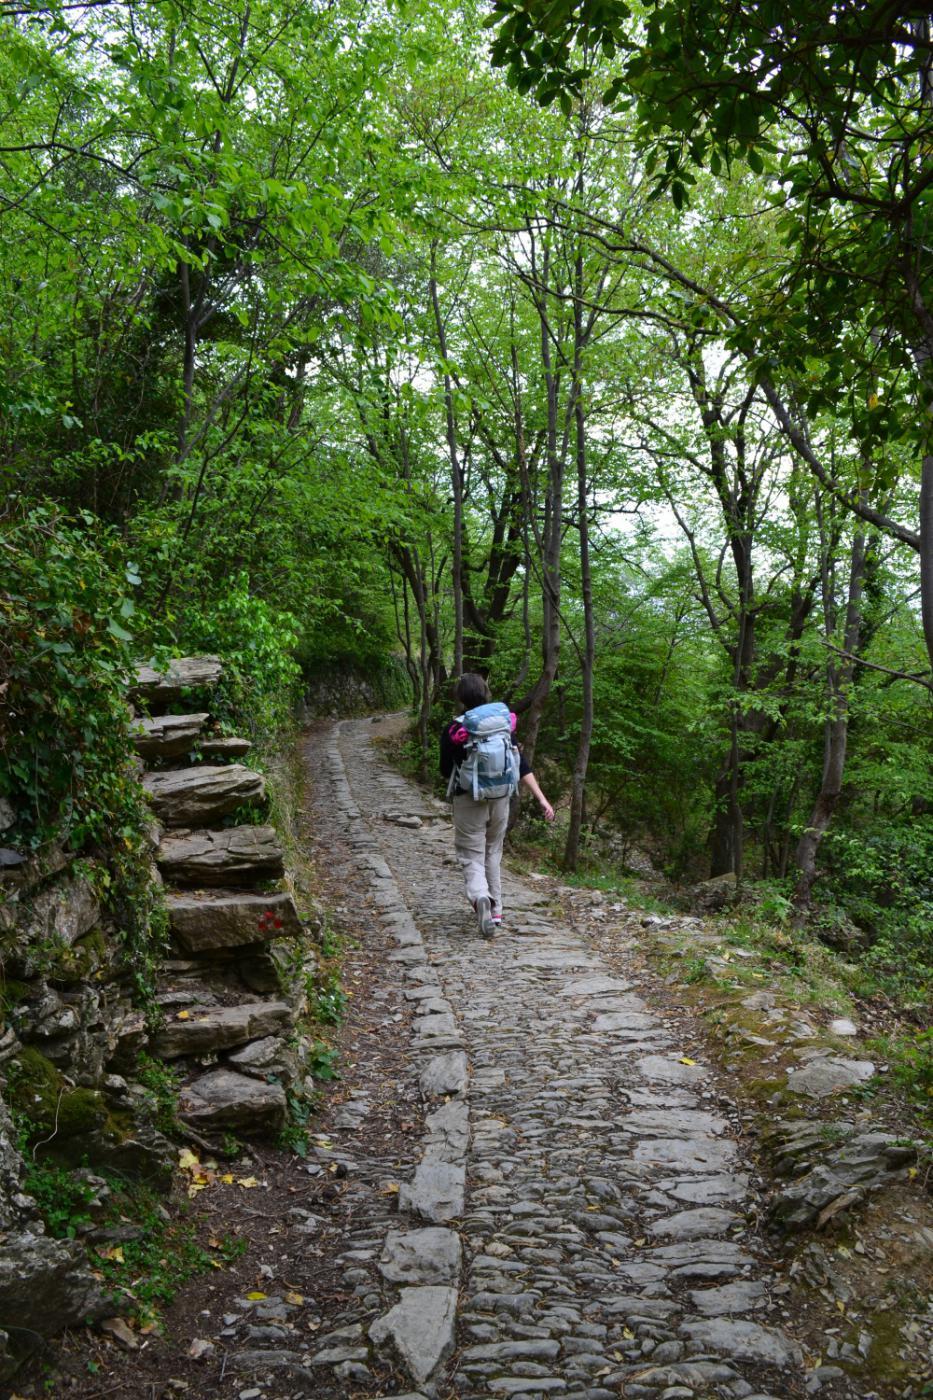 percorso pianeggiante per Pieve Alta